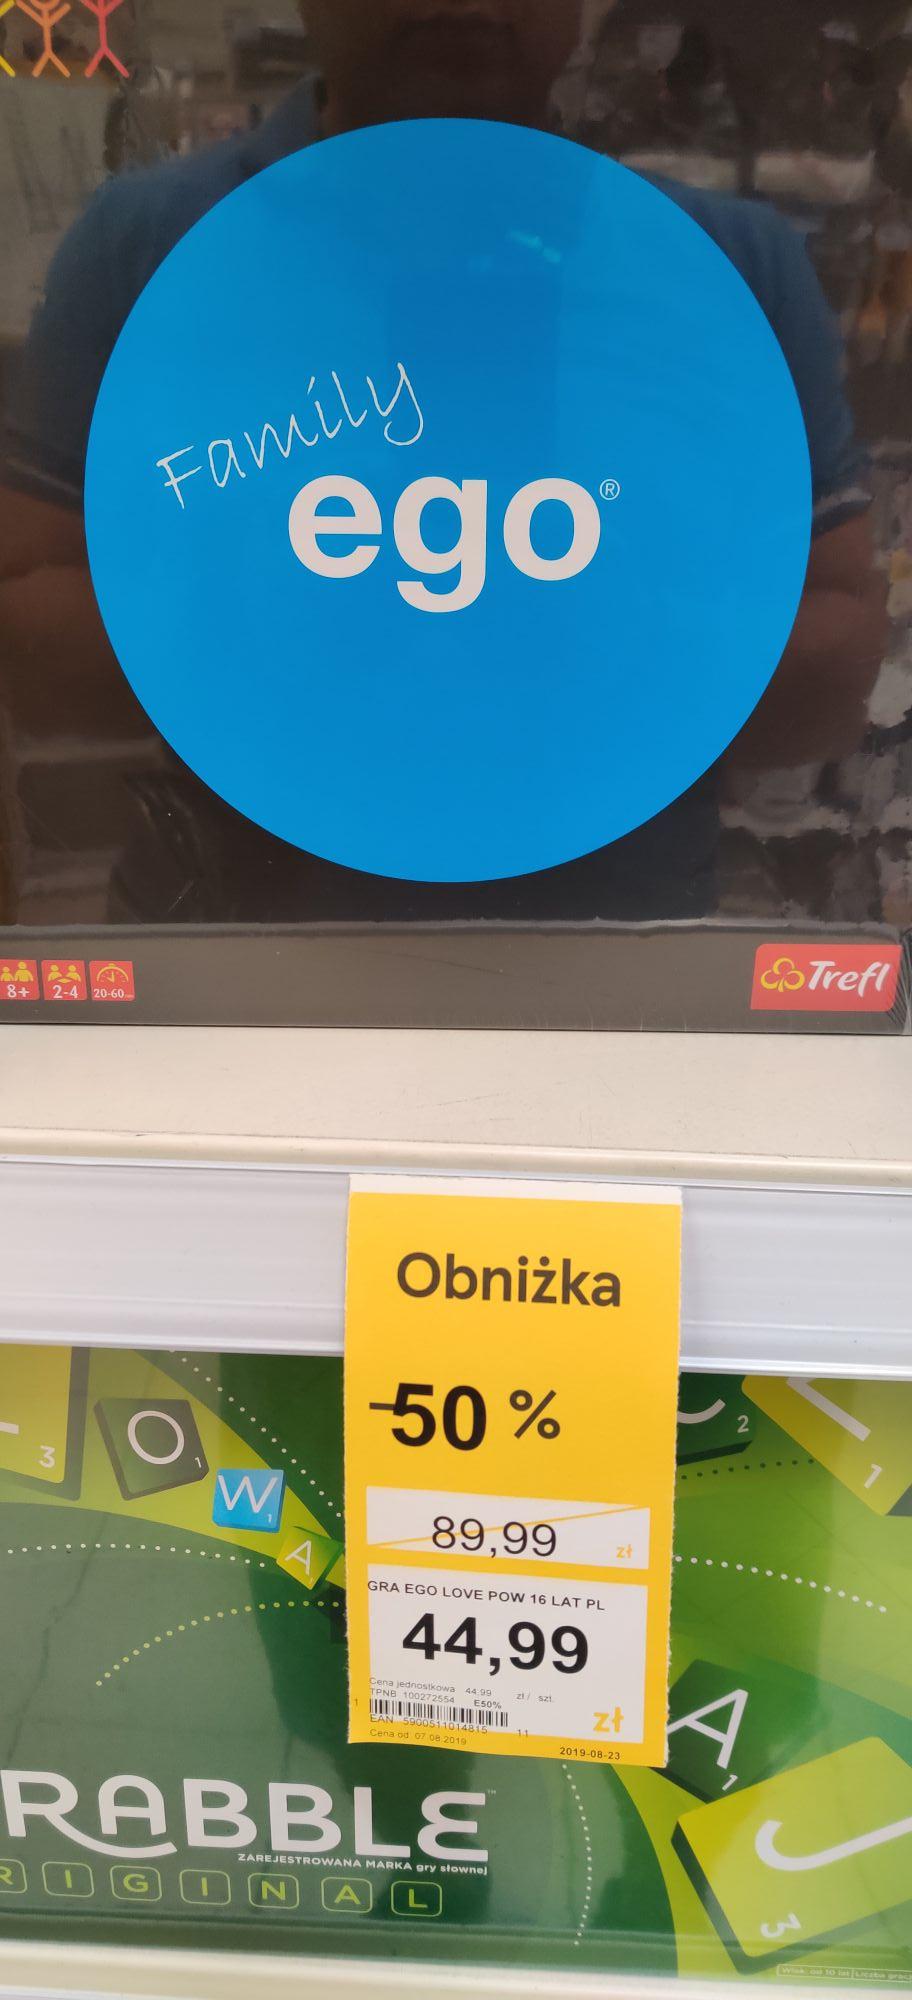 Family Ego [Tesco Mory Warszawa]